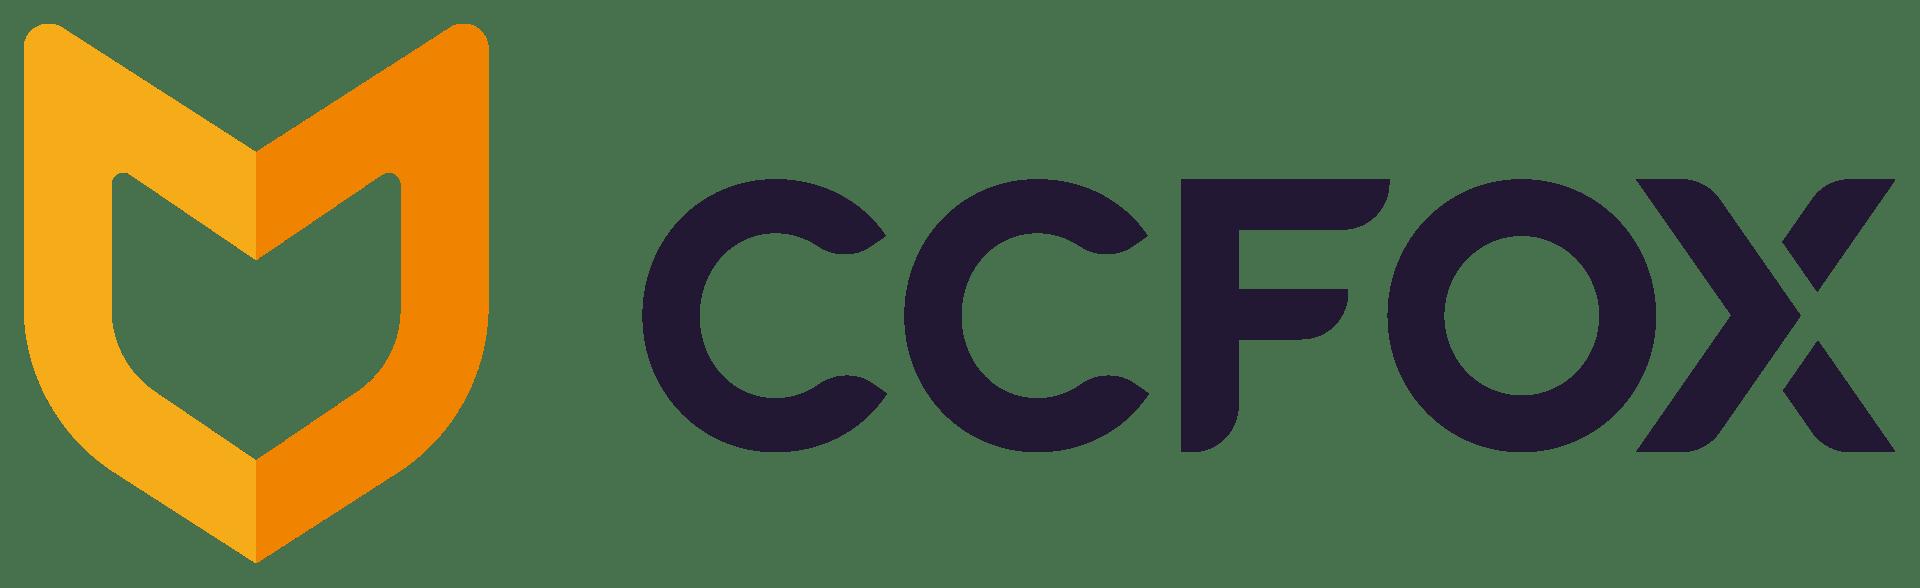 CCFOX company logo